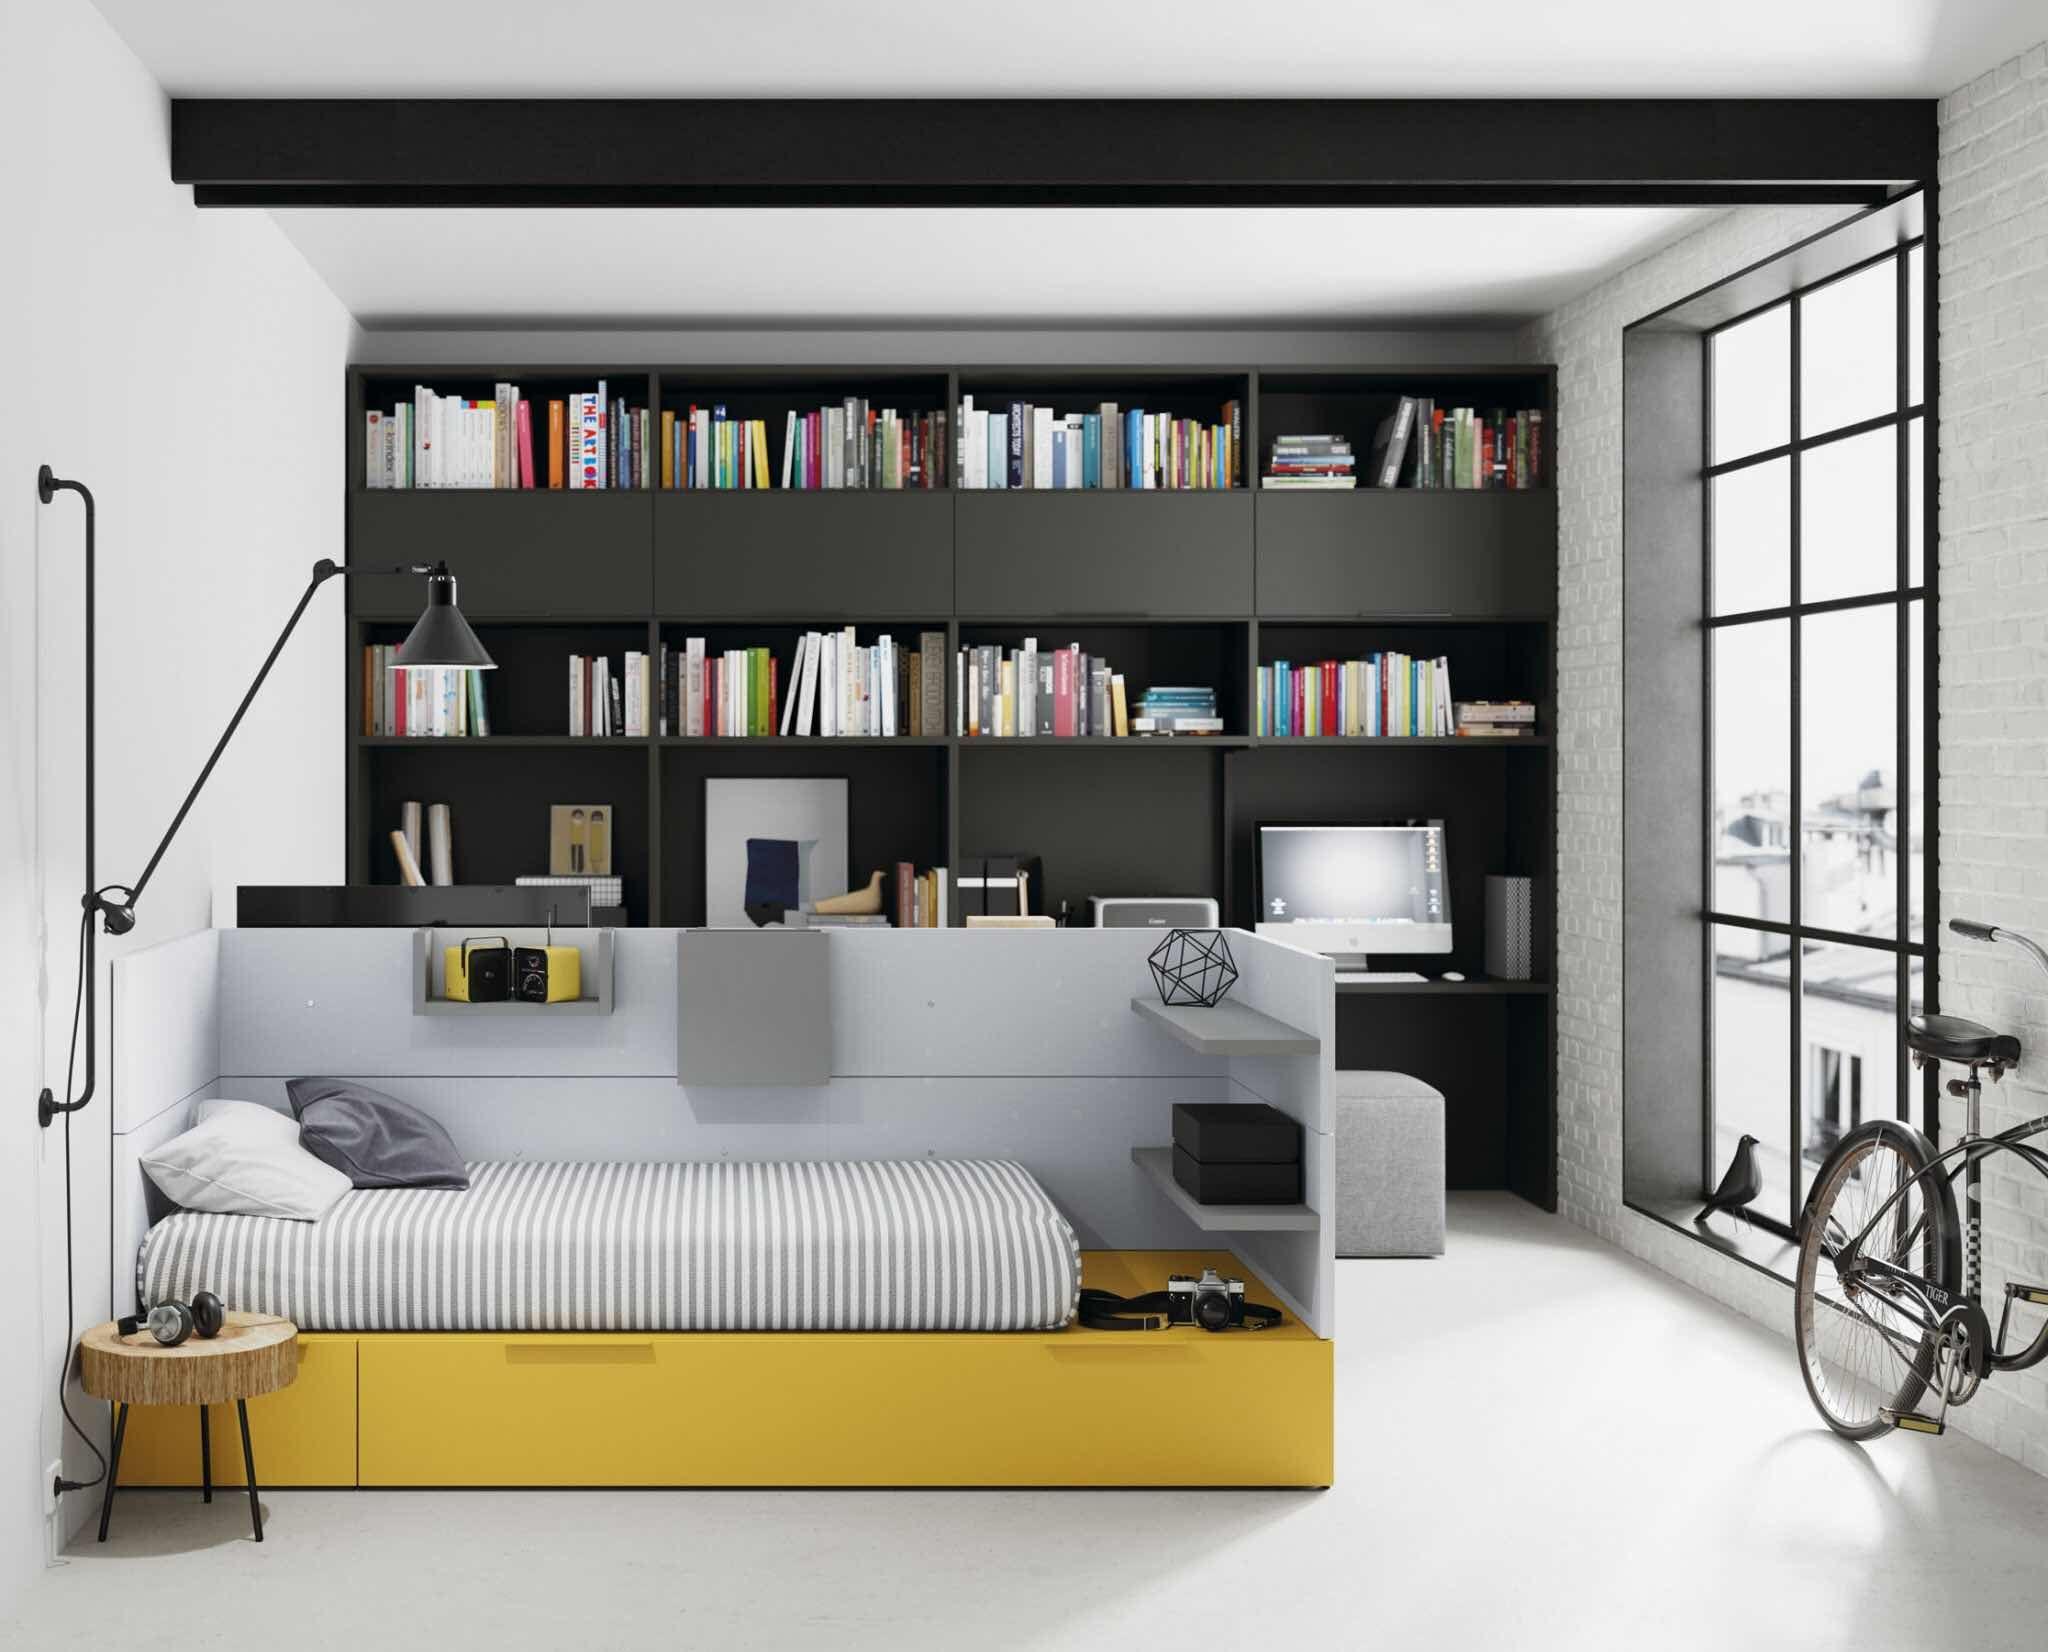 Habitaciones Con Cama Nido